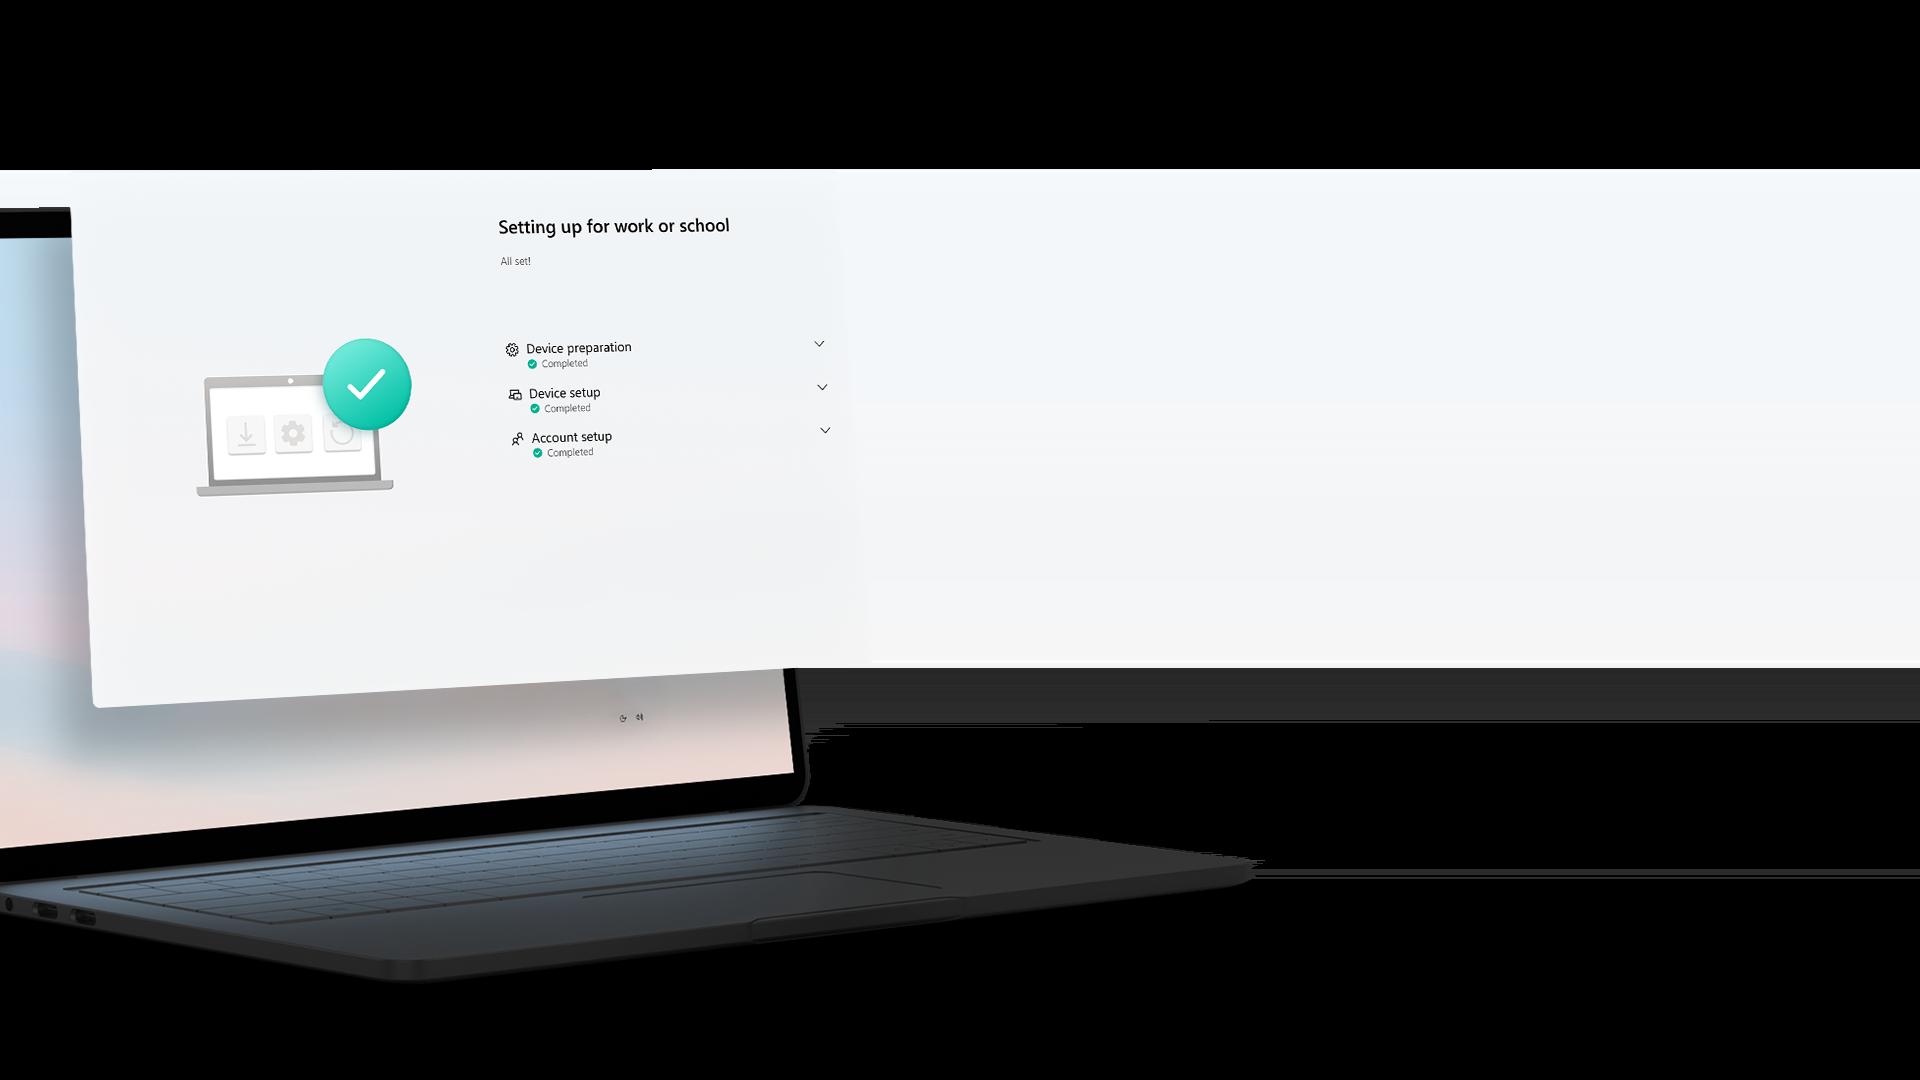 Écran de compatibilité des mêmes applications Windows11 sur un appareil Windows